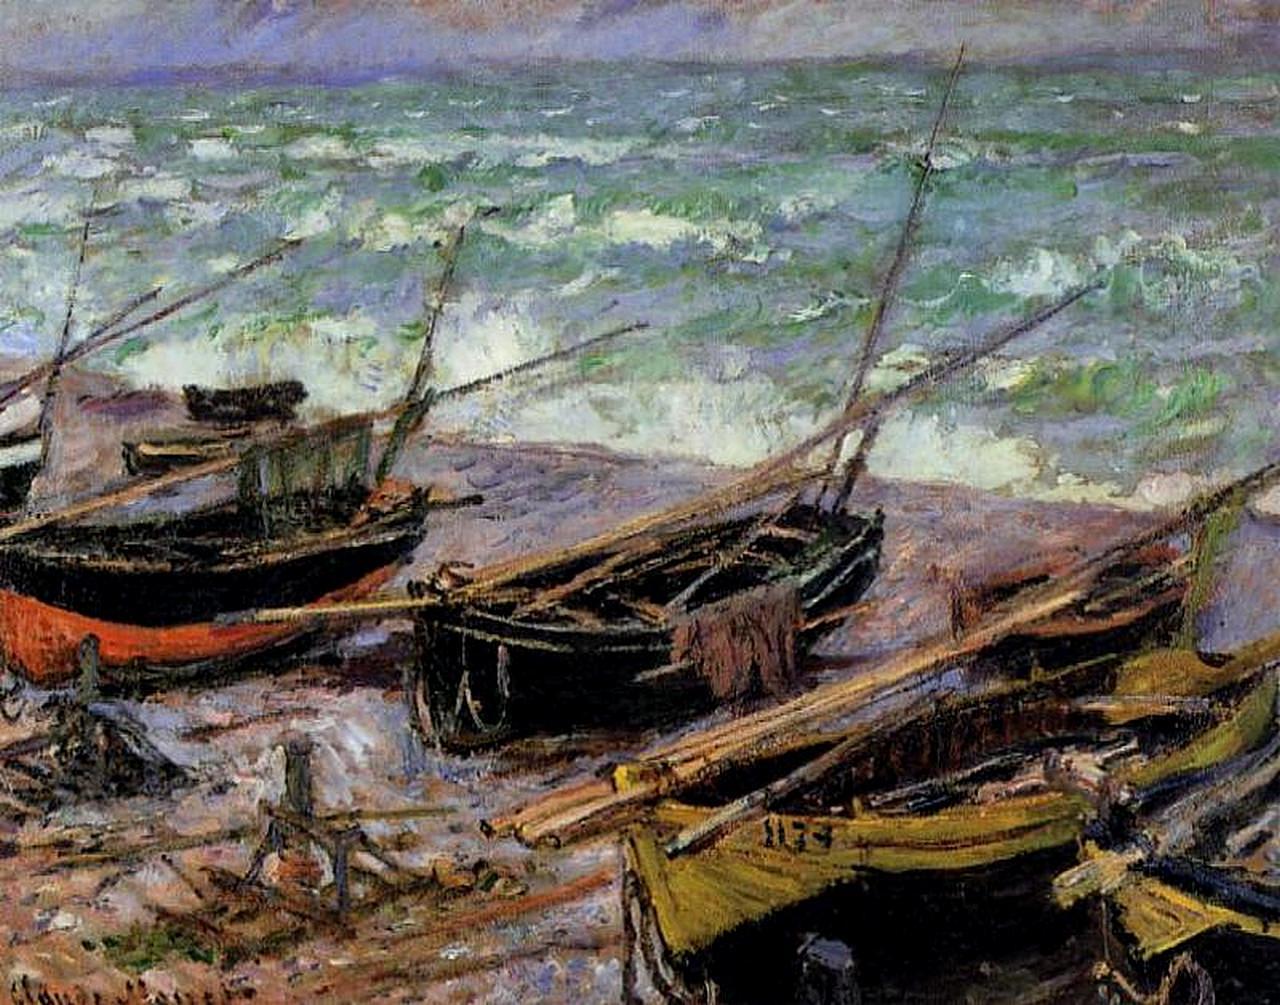 Рыбацкие лодки - Море в живописи ( морские пейзажи, seascapes ) фото.